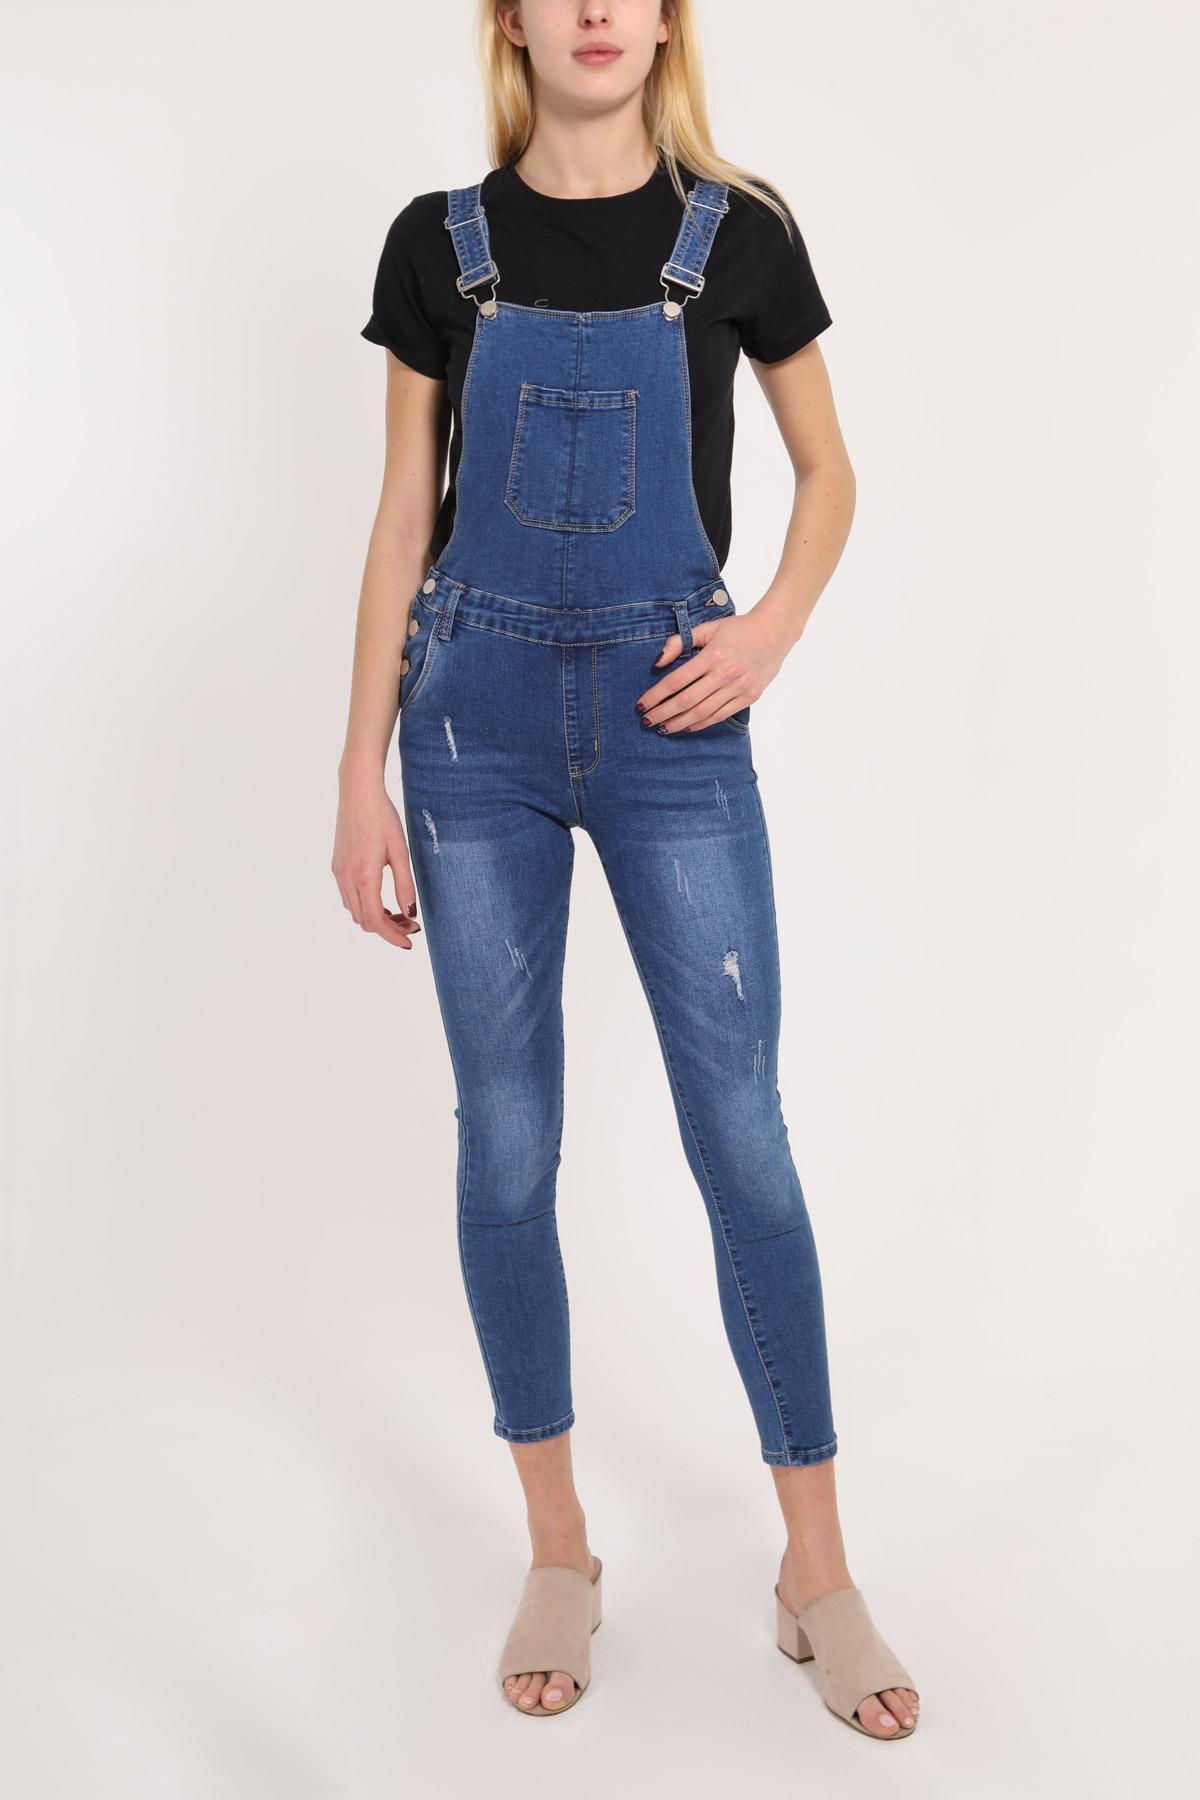 Combinaisons Femme Bleu VETIS Y-4885 #c eFashion Paris